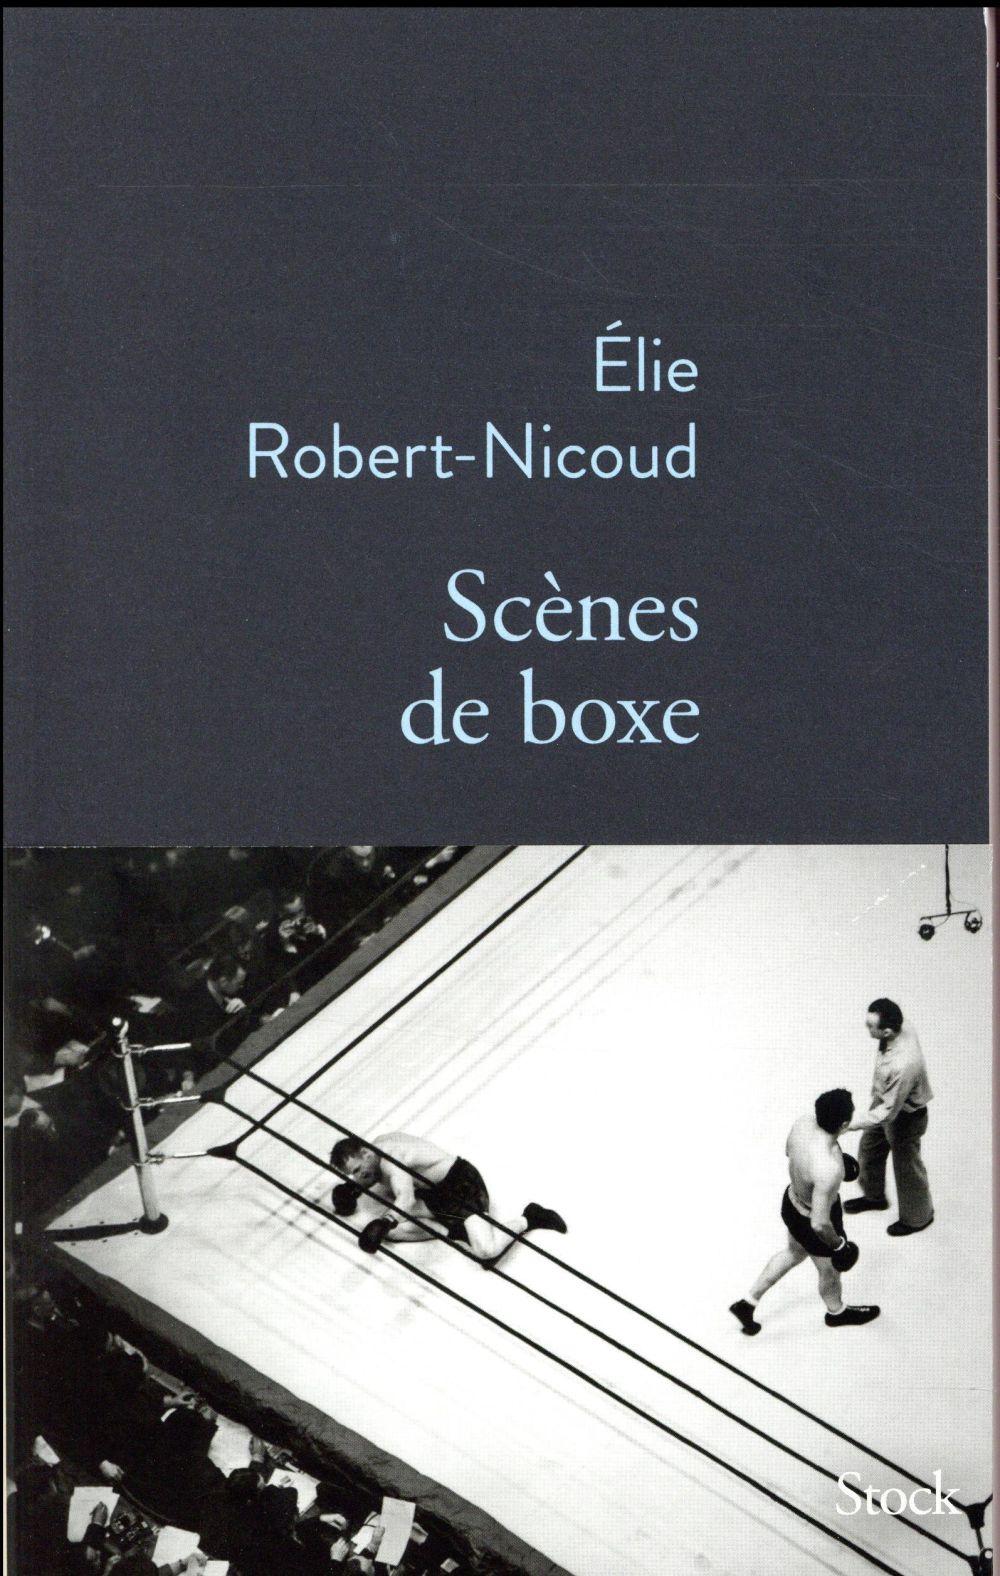 SCENES DE BOXE